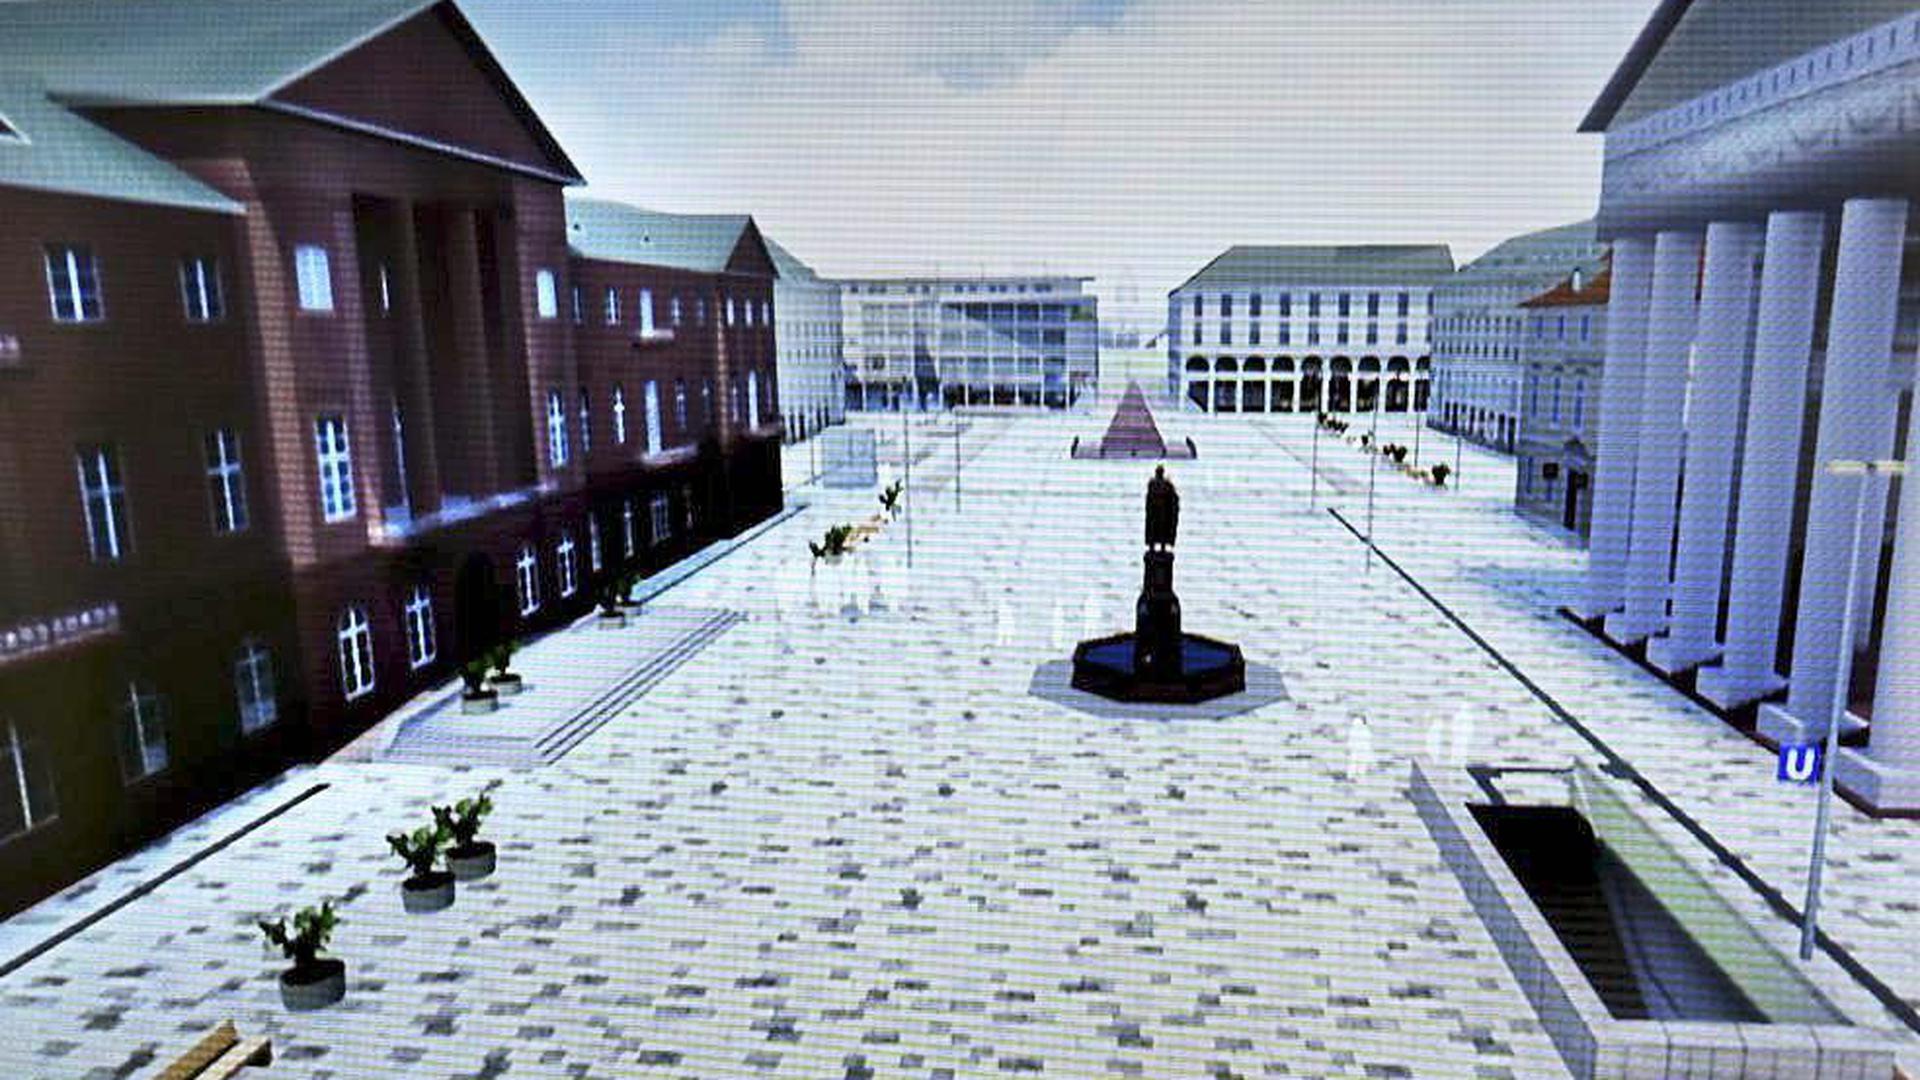 Den Blick in die Zukunft des Marktplatzes kann jetzt jeder Bürger wagen und virtuell um die Pyramide und den Ludwigbrunnen düsen.